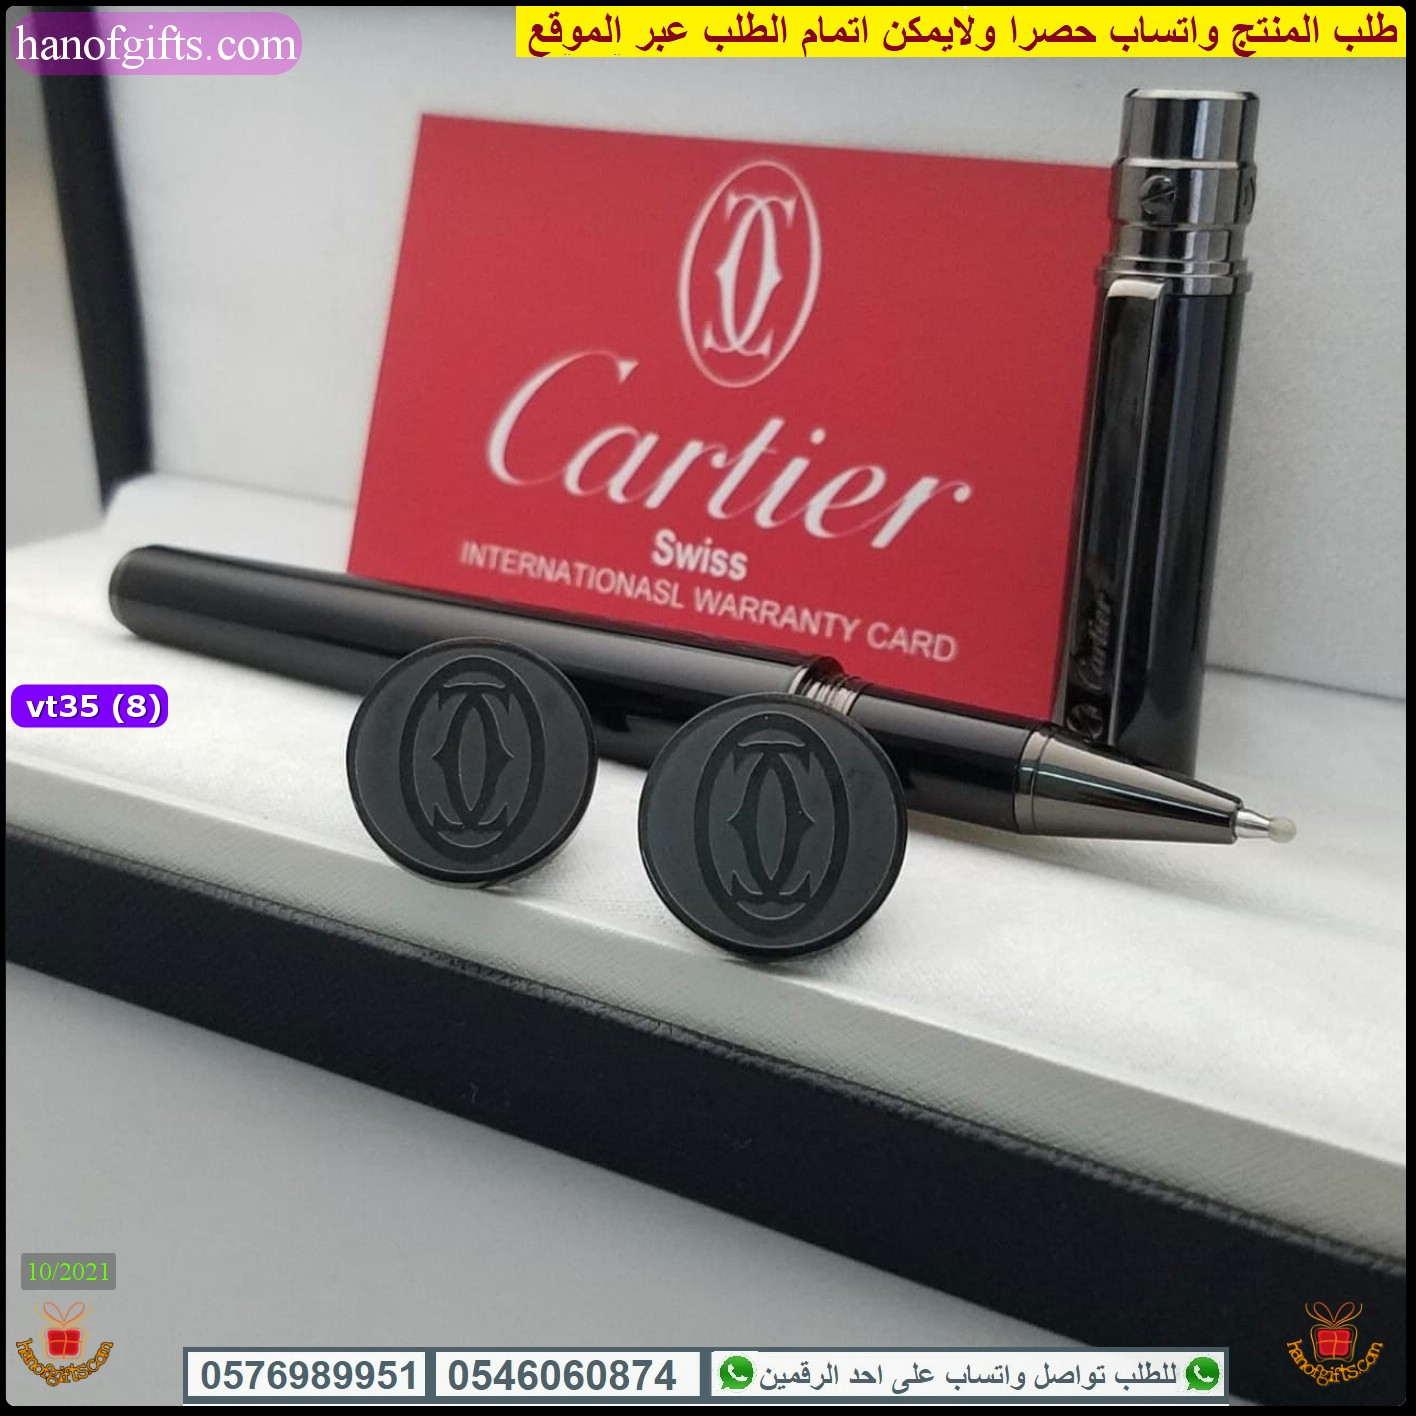 قلم كارتير سانتوس